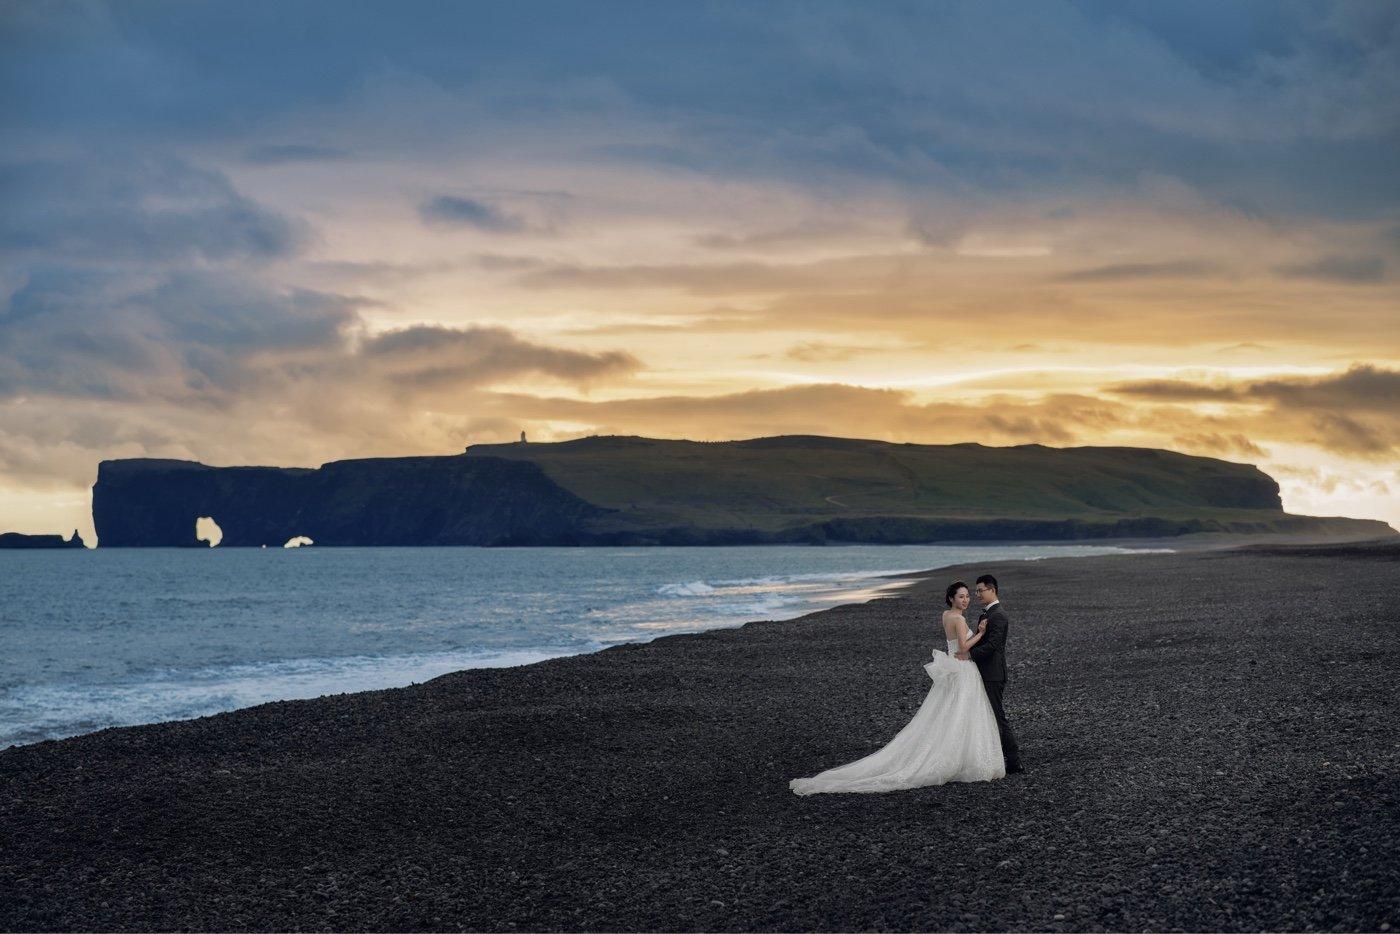 MoFoTo 冰岛婚纱旅拍26